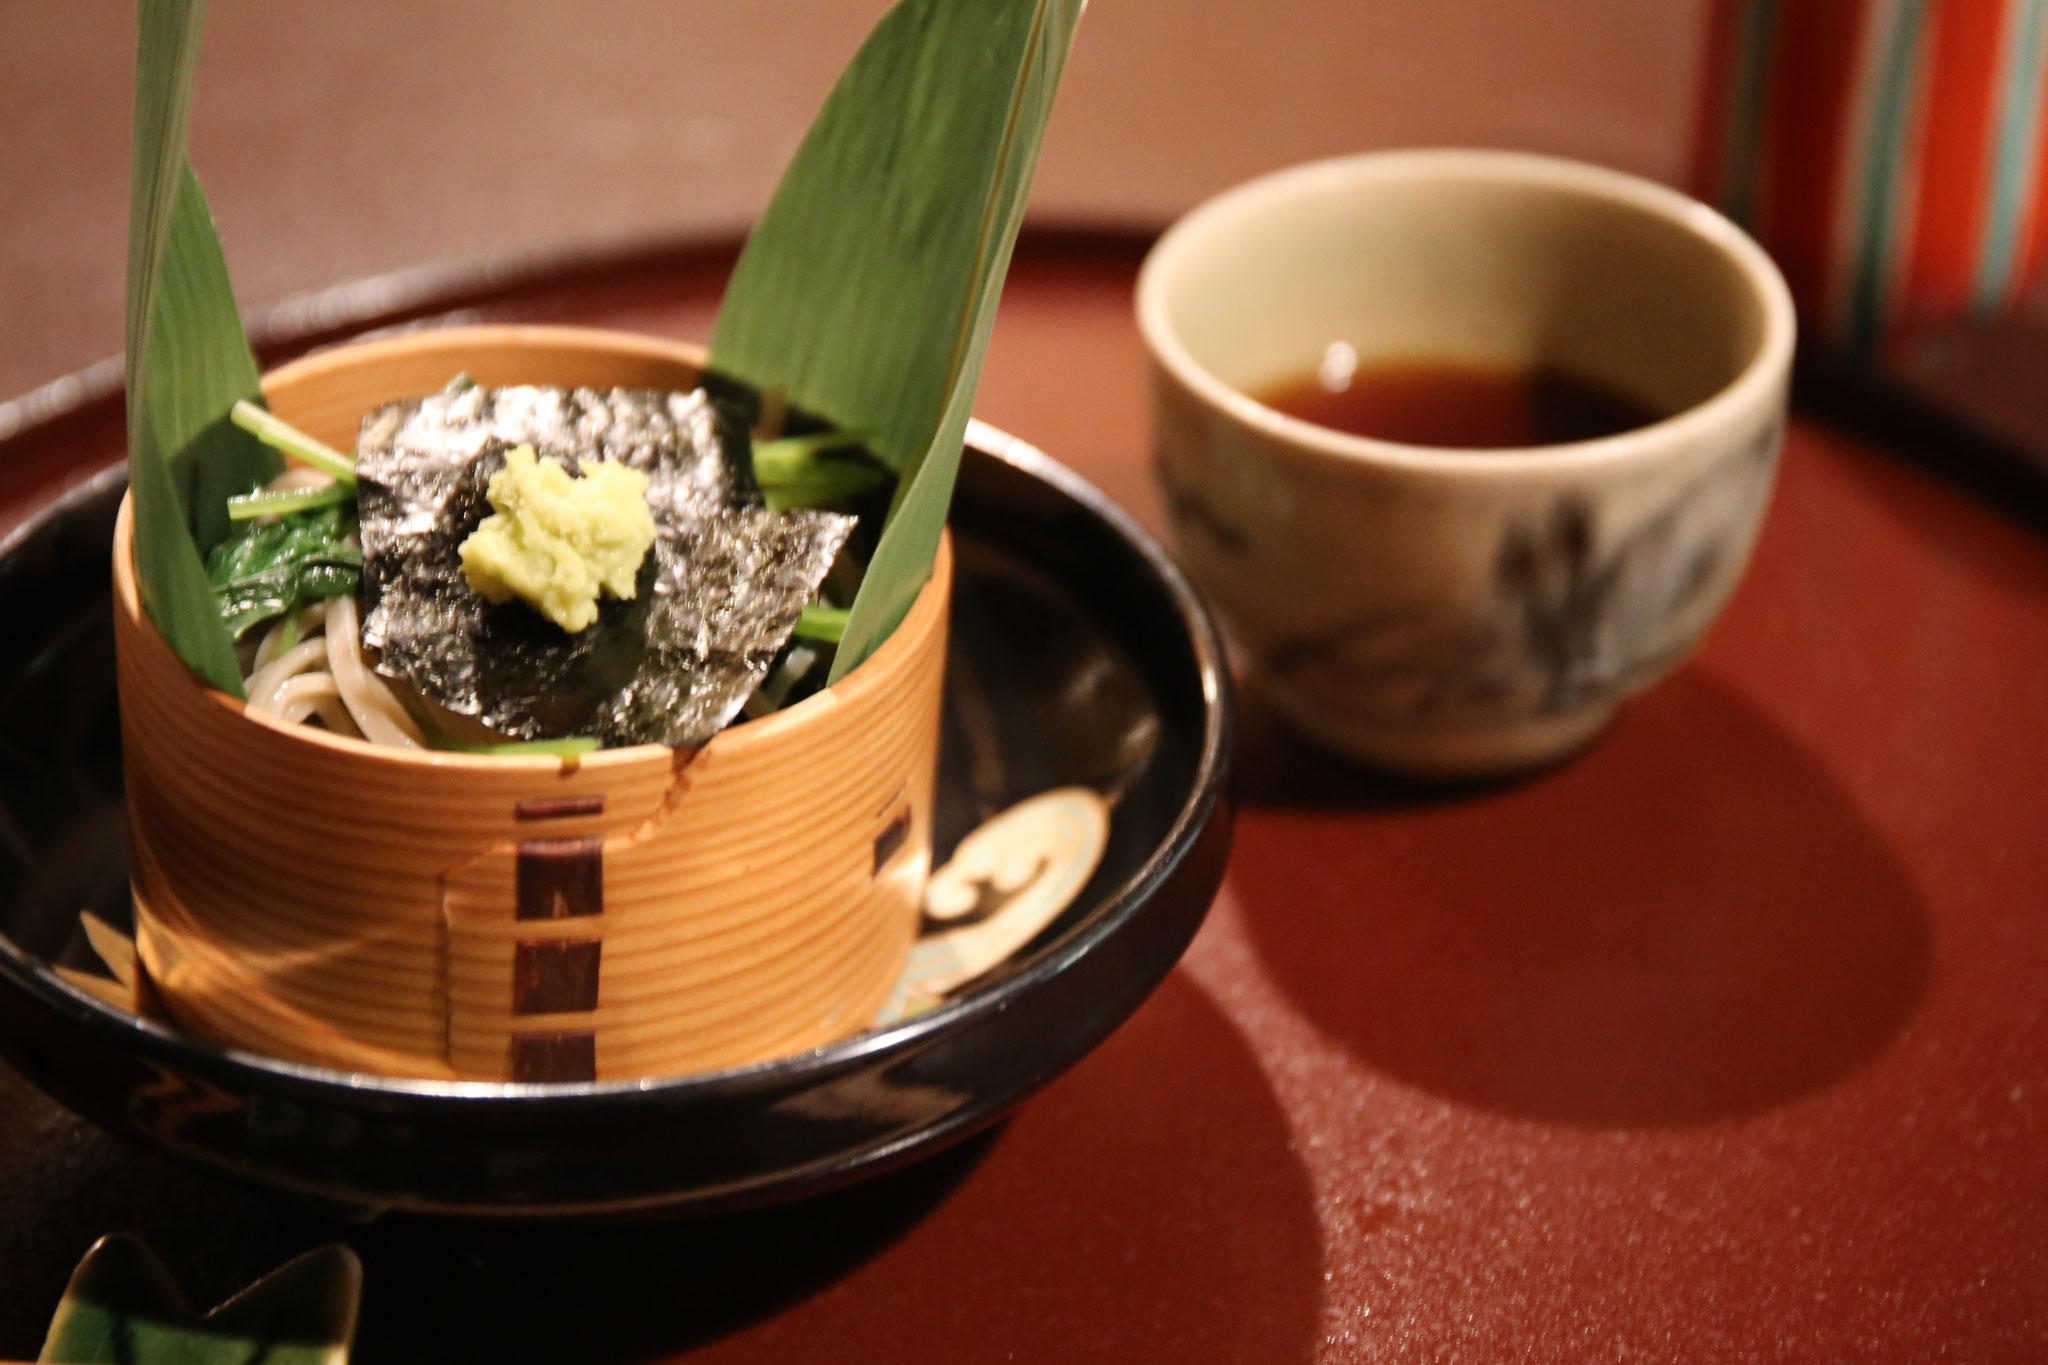 手打ちそば。せいろの下には平茶碗✨✨つゆは湯呑に。多様な使い方に感動。